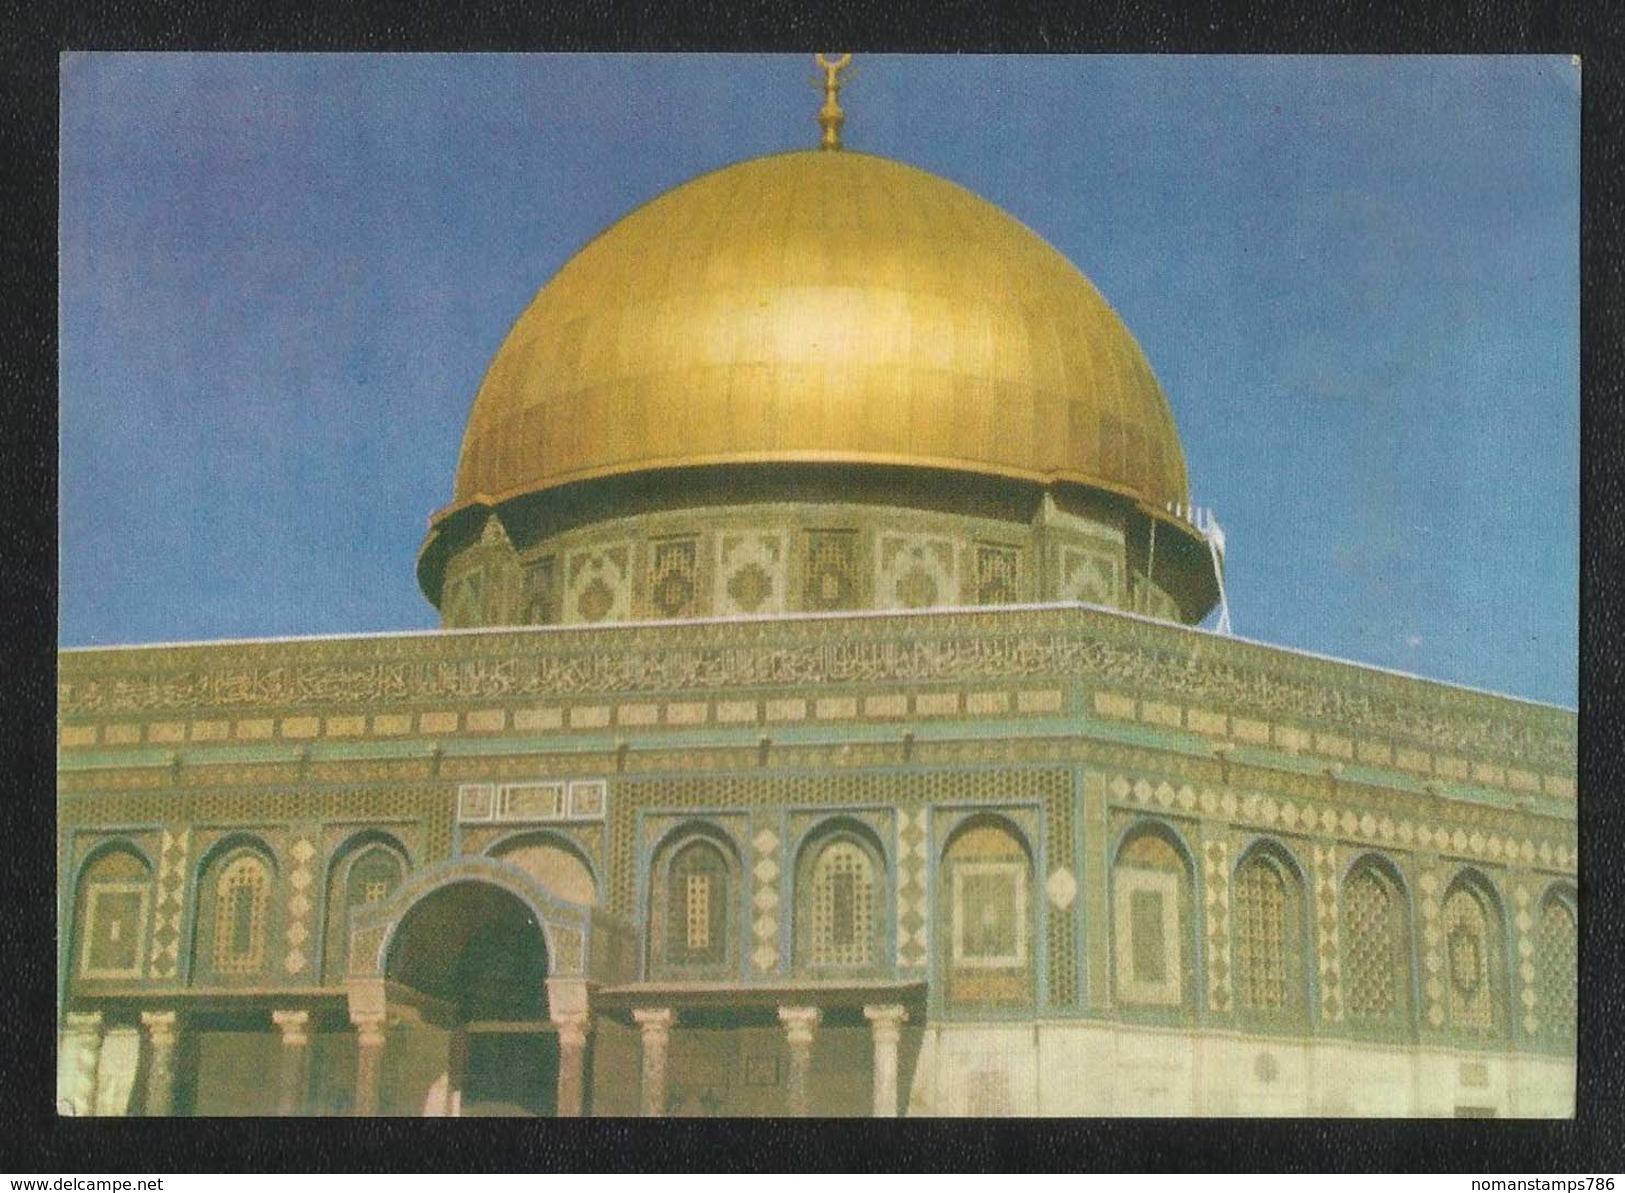 Palastine Picture Postcard Al Qudus Mosque Jerusalem  View Card AS PER SCAN - Palestine